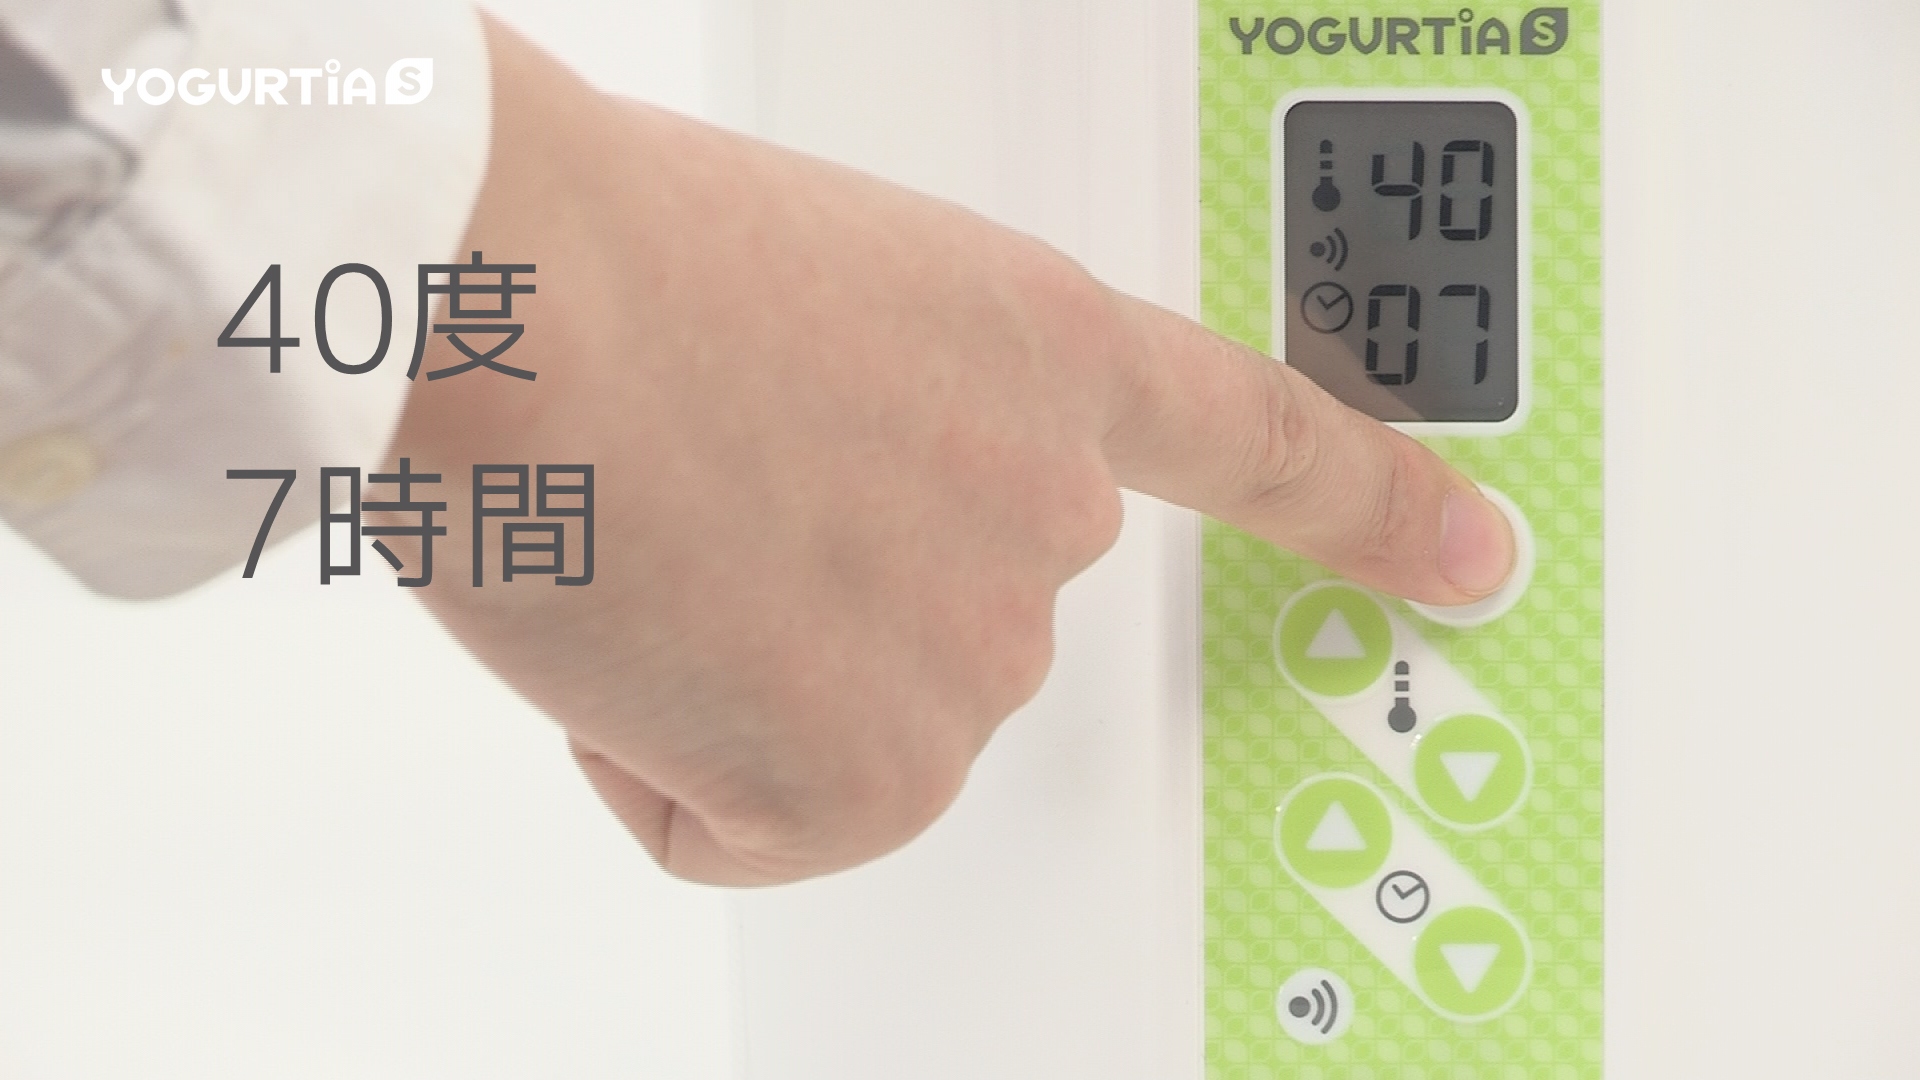 あとは温度を40度、タイマーを7時間にセットスタート。